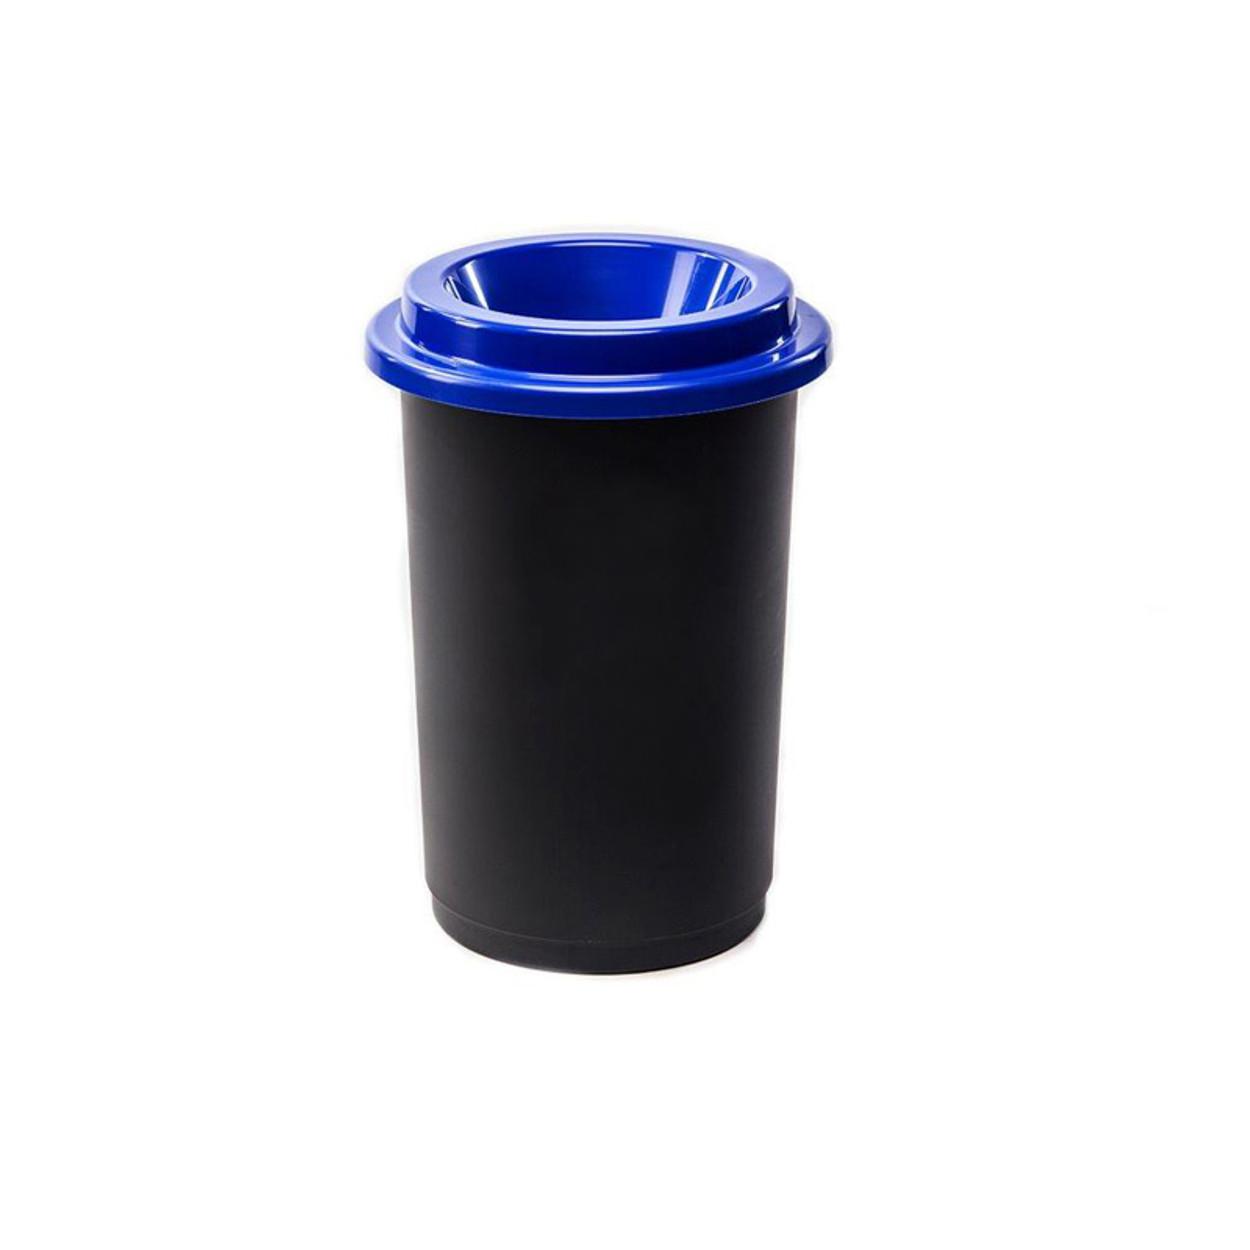 Kulatý plastový koš na tříděný odpad, 50 l, modrá